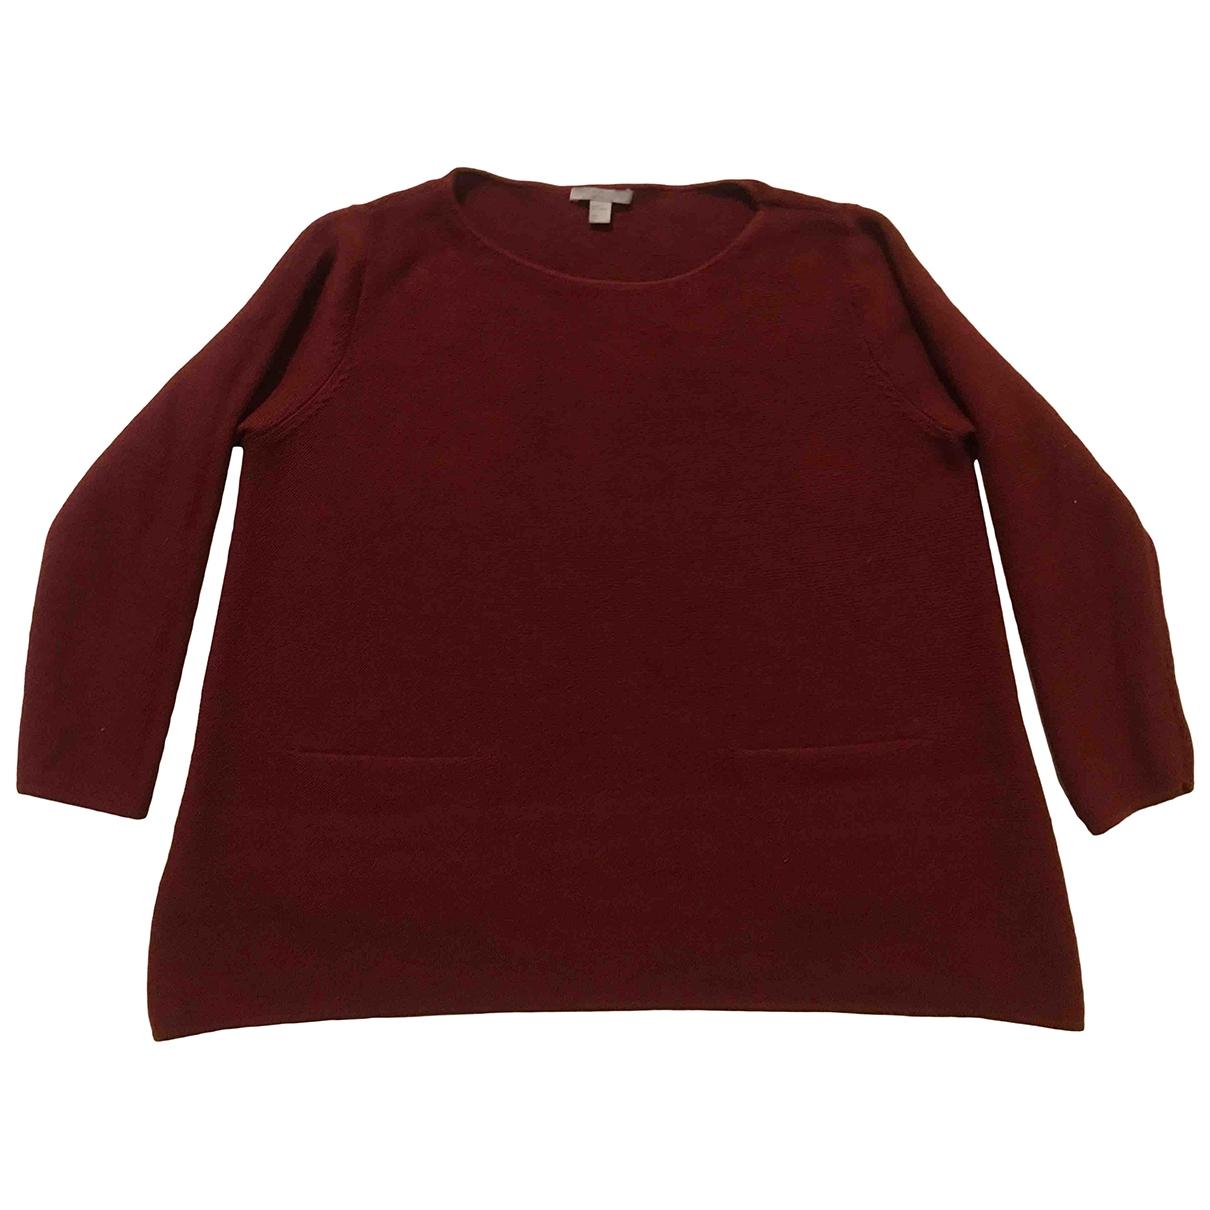 Cos - Pull   pour femme en laine - bordeaux